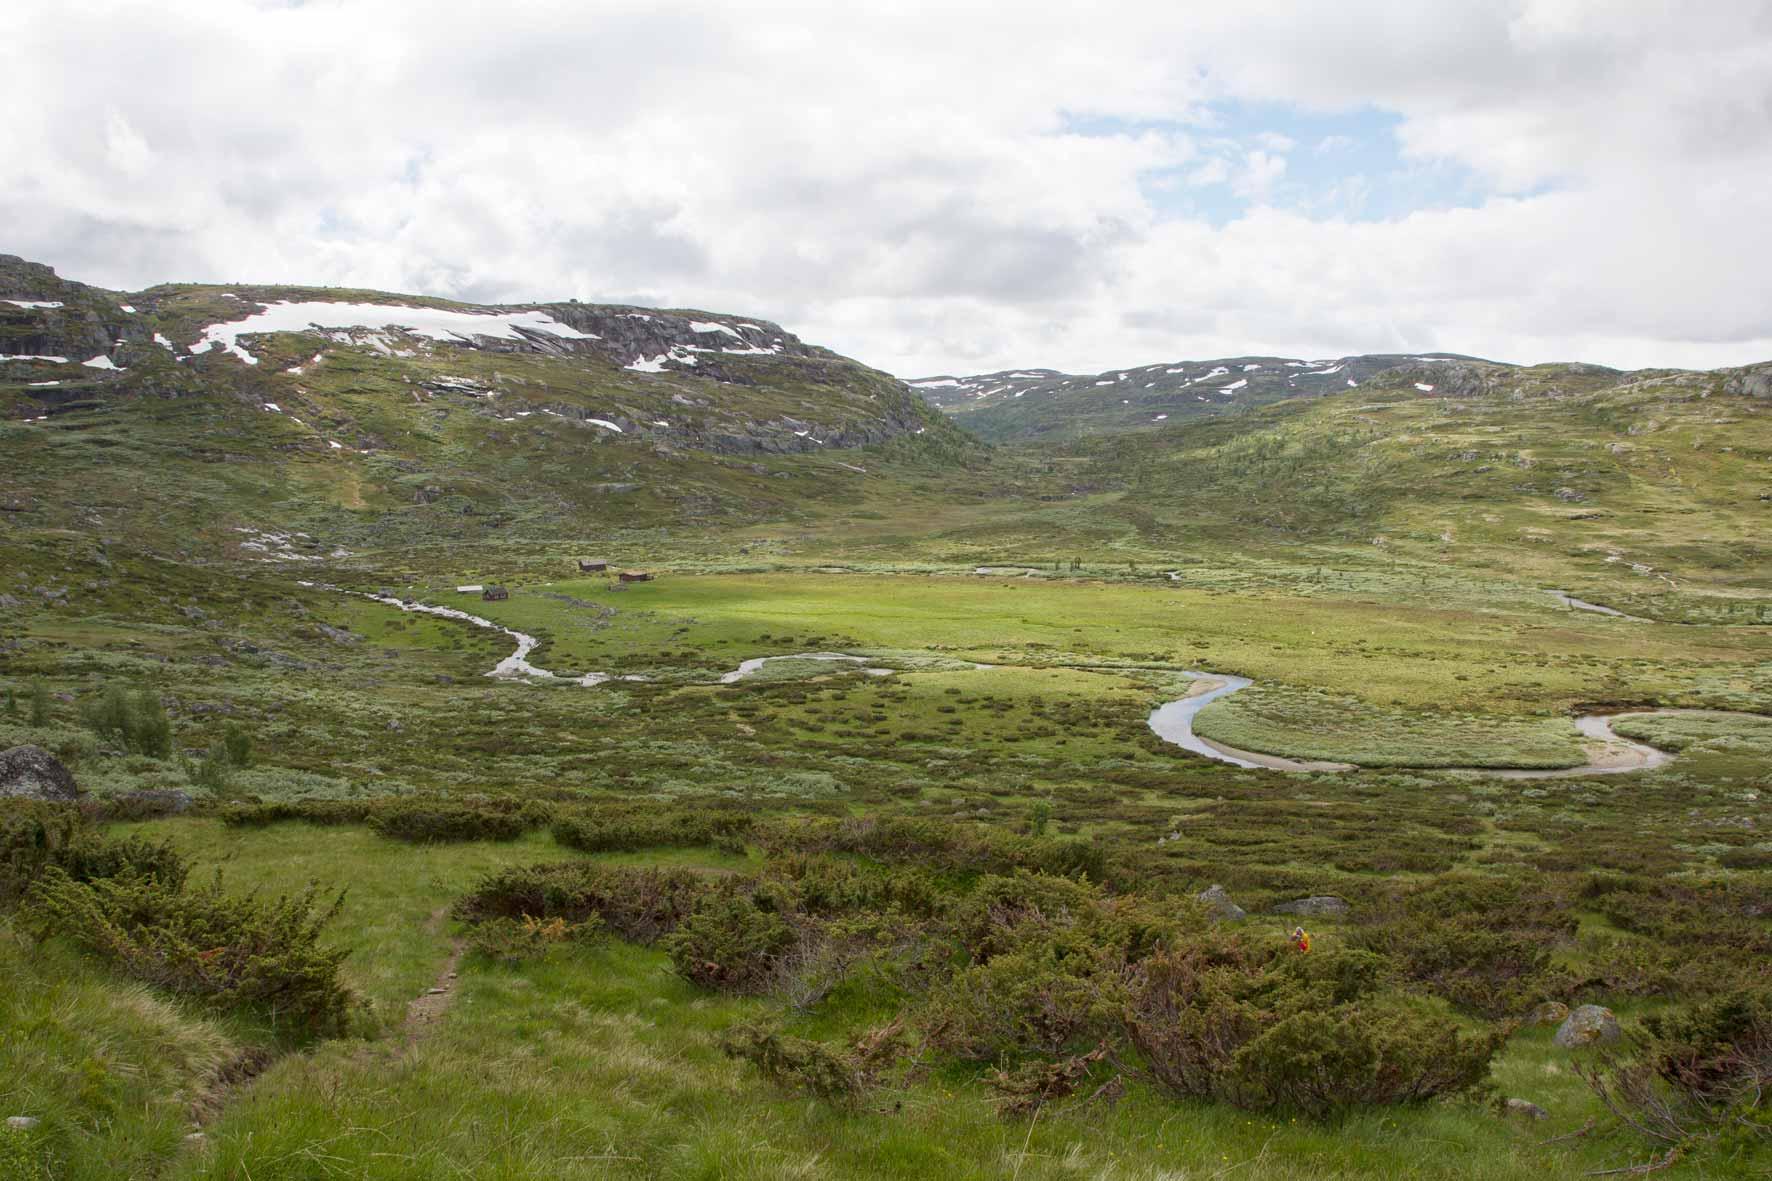 Fljotdal Hardangervidda